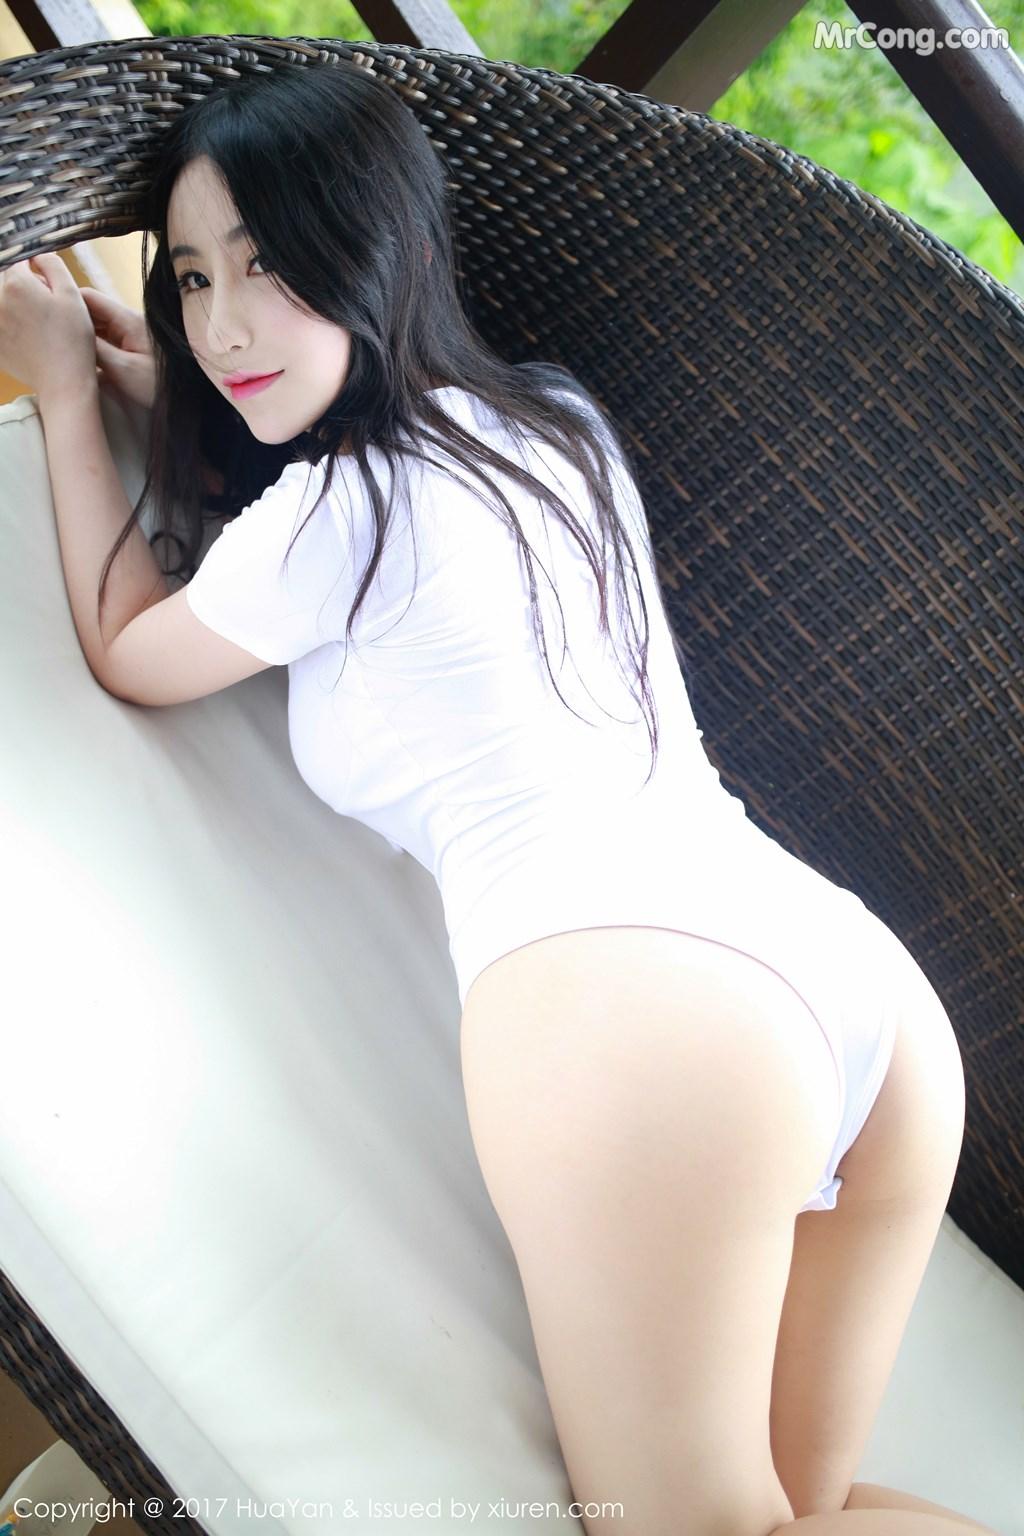 Image HuaYan-Vol.051-Sindy-Xie-Zhixin-MrCong.com-005 in post HuaYan Vol.051: Người mẫu Sindy (谢芷馨) (51 ảnh)